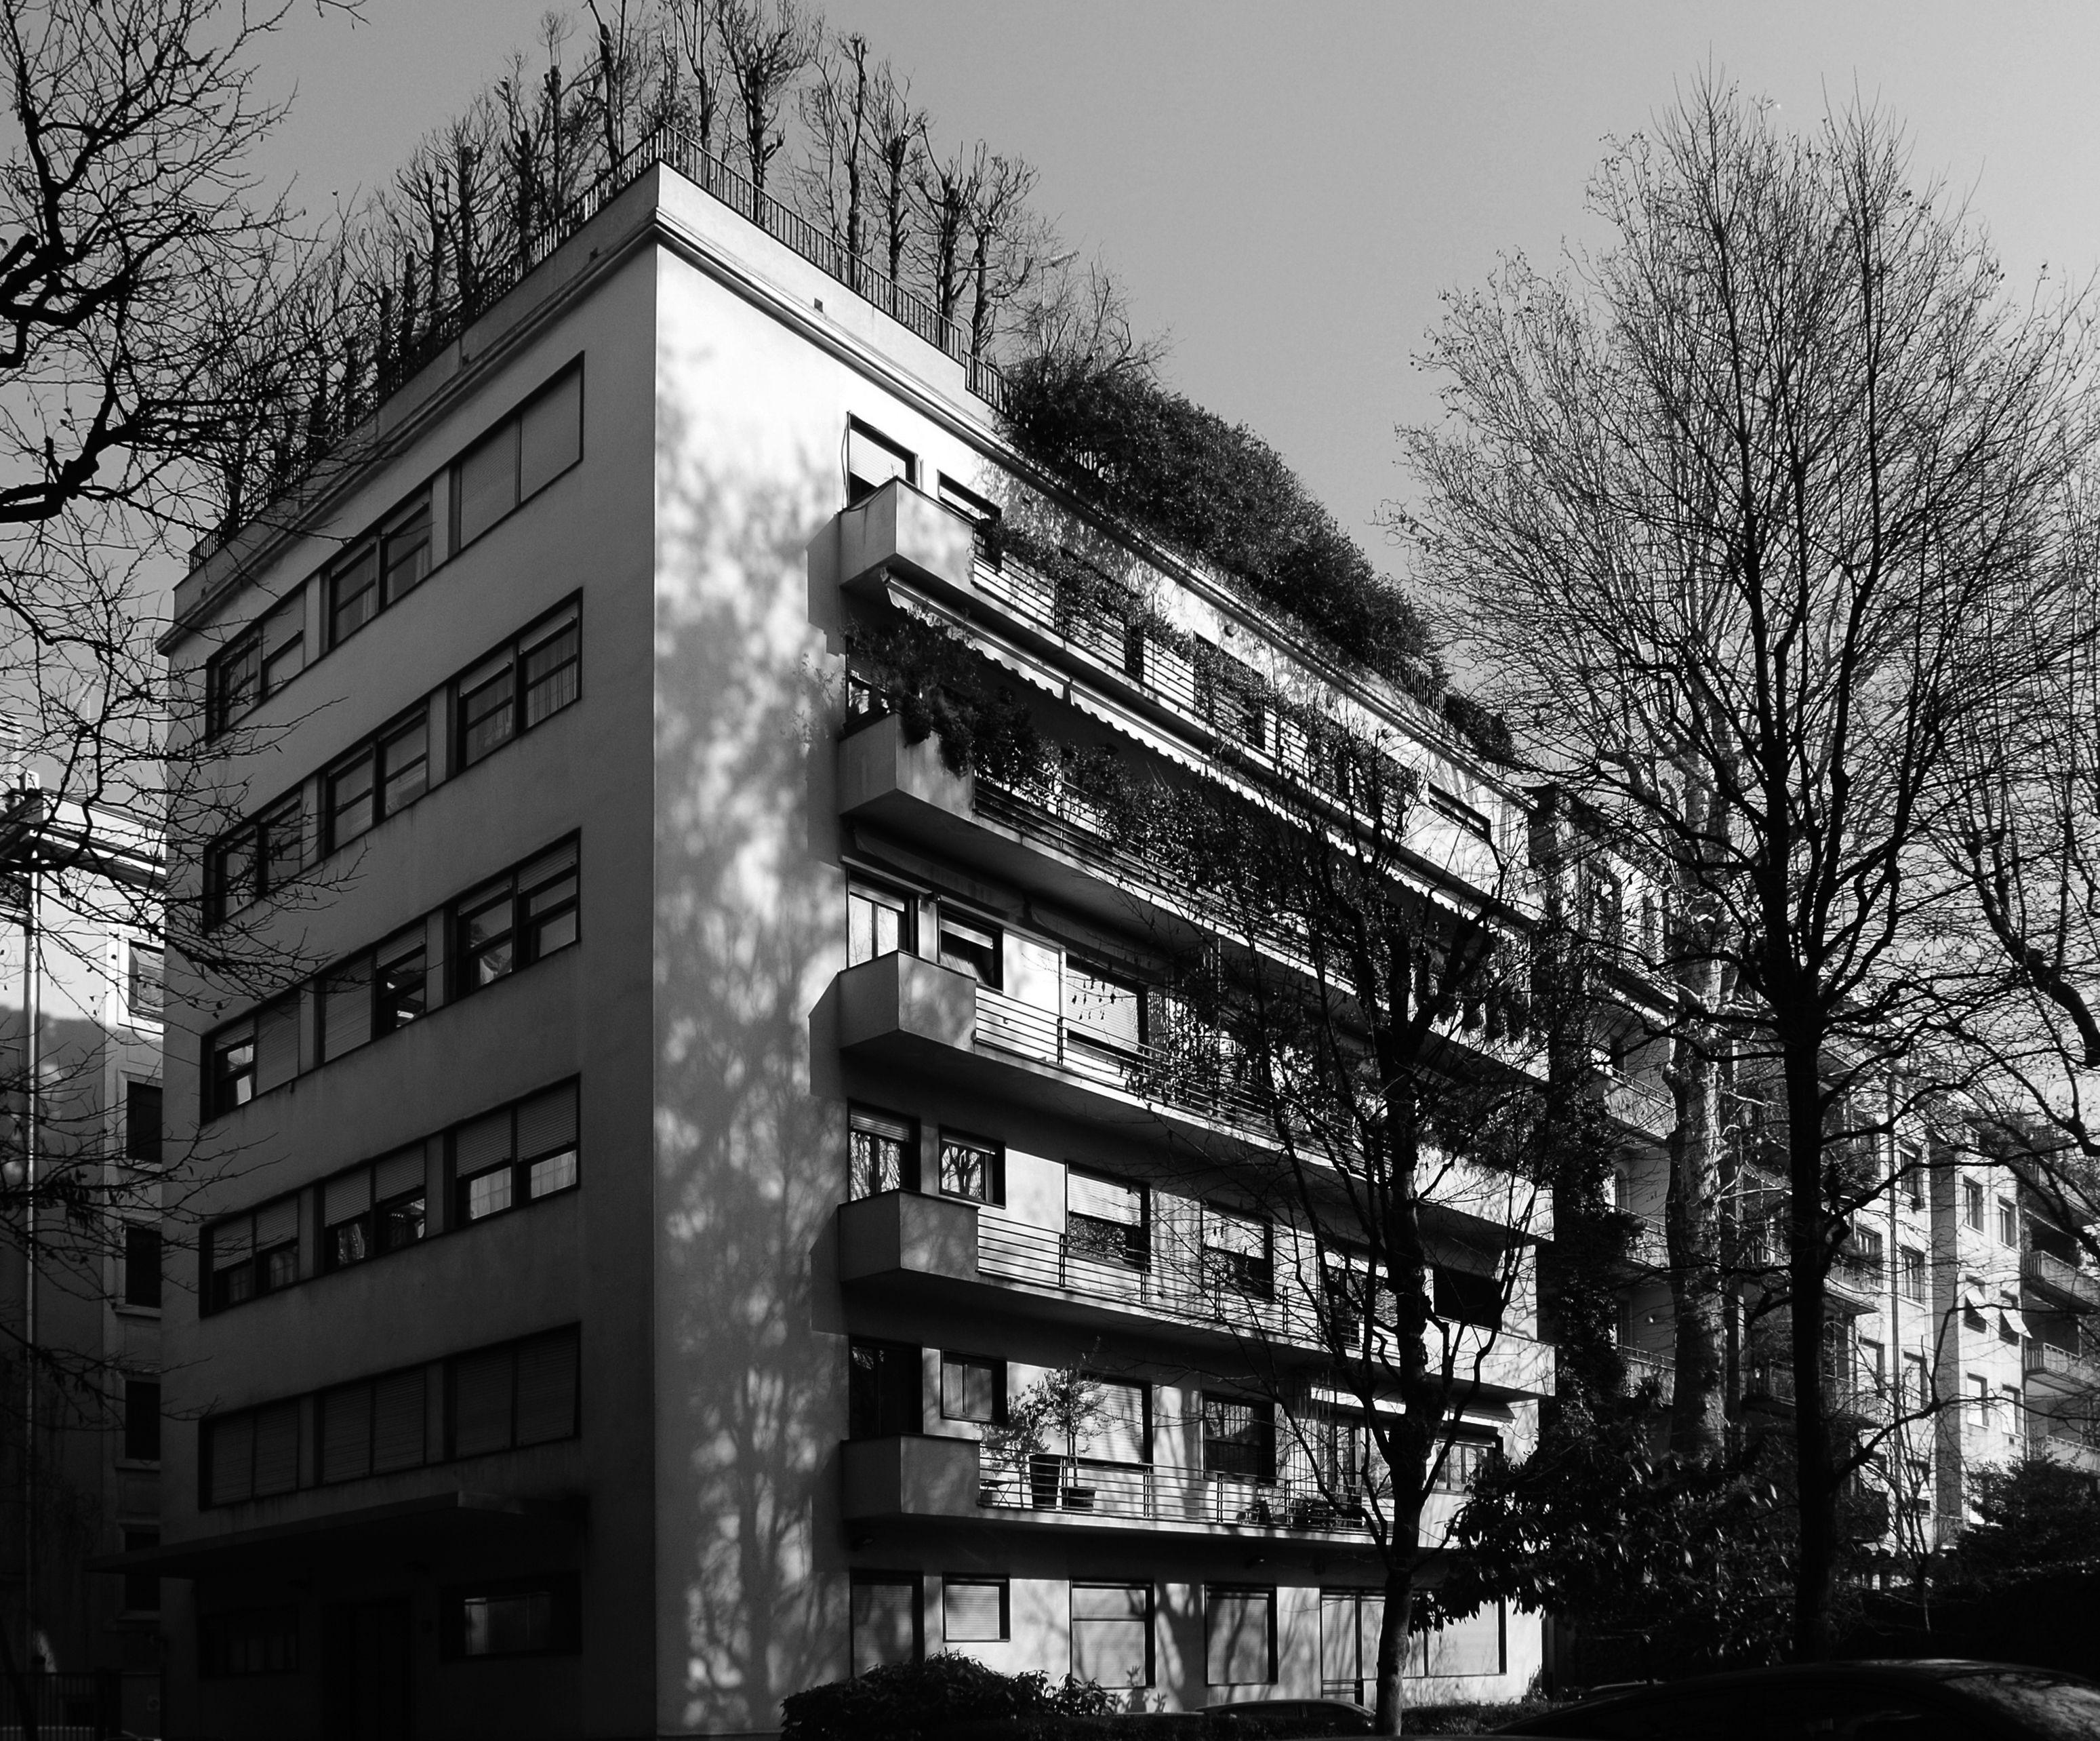 Vista dal giardino interno della casa a ville sovrapposte in via dell 39 annunciata 23 a 1933 1934 - Casa dell ottone milano ...